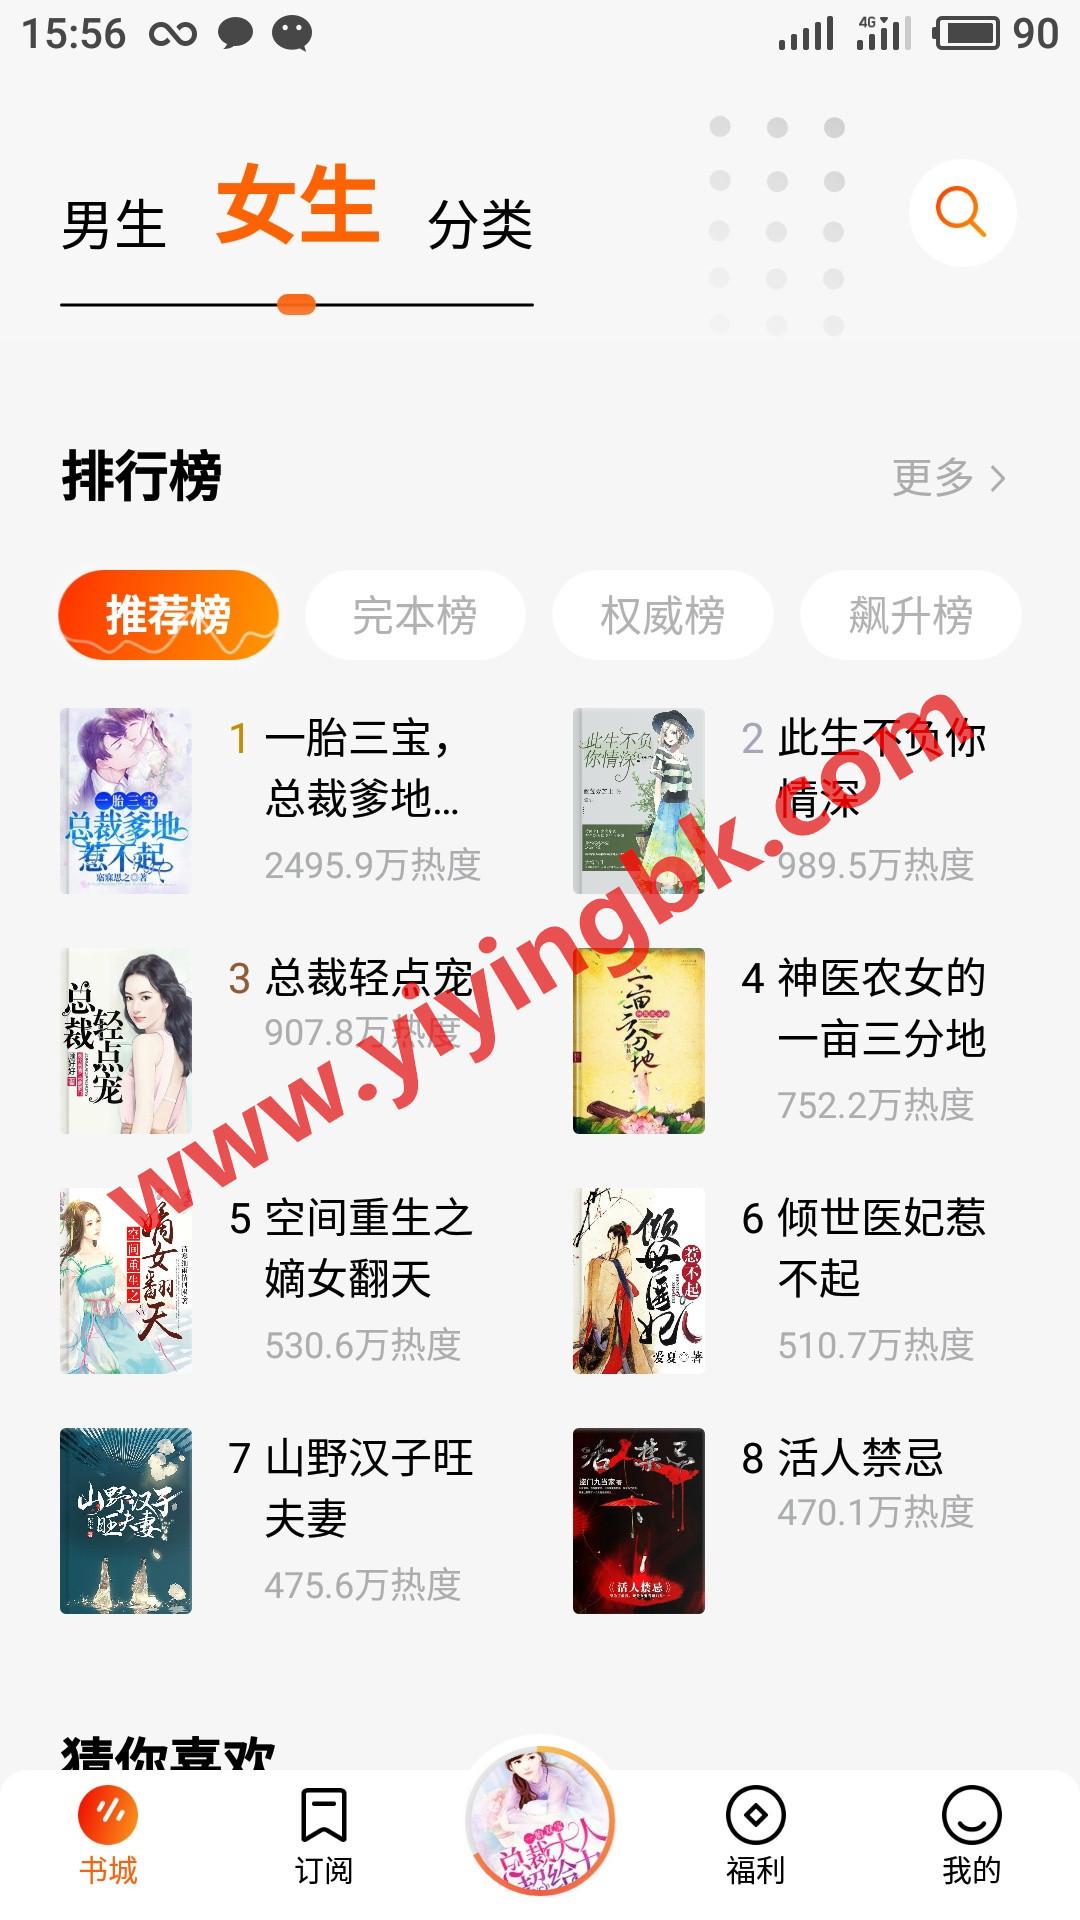 书城首页女生推荐,免费听小说看小说领红包赚零花钱,1元就能提现微信和支付宝。www.yiyingbk.com